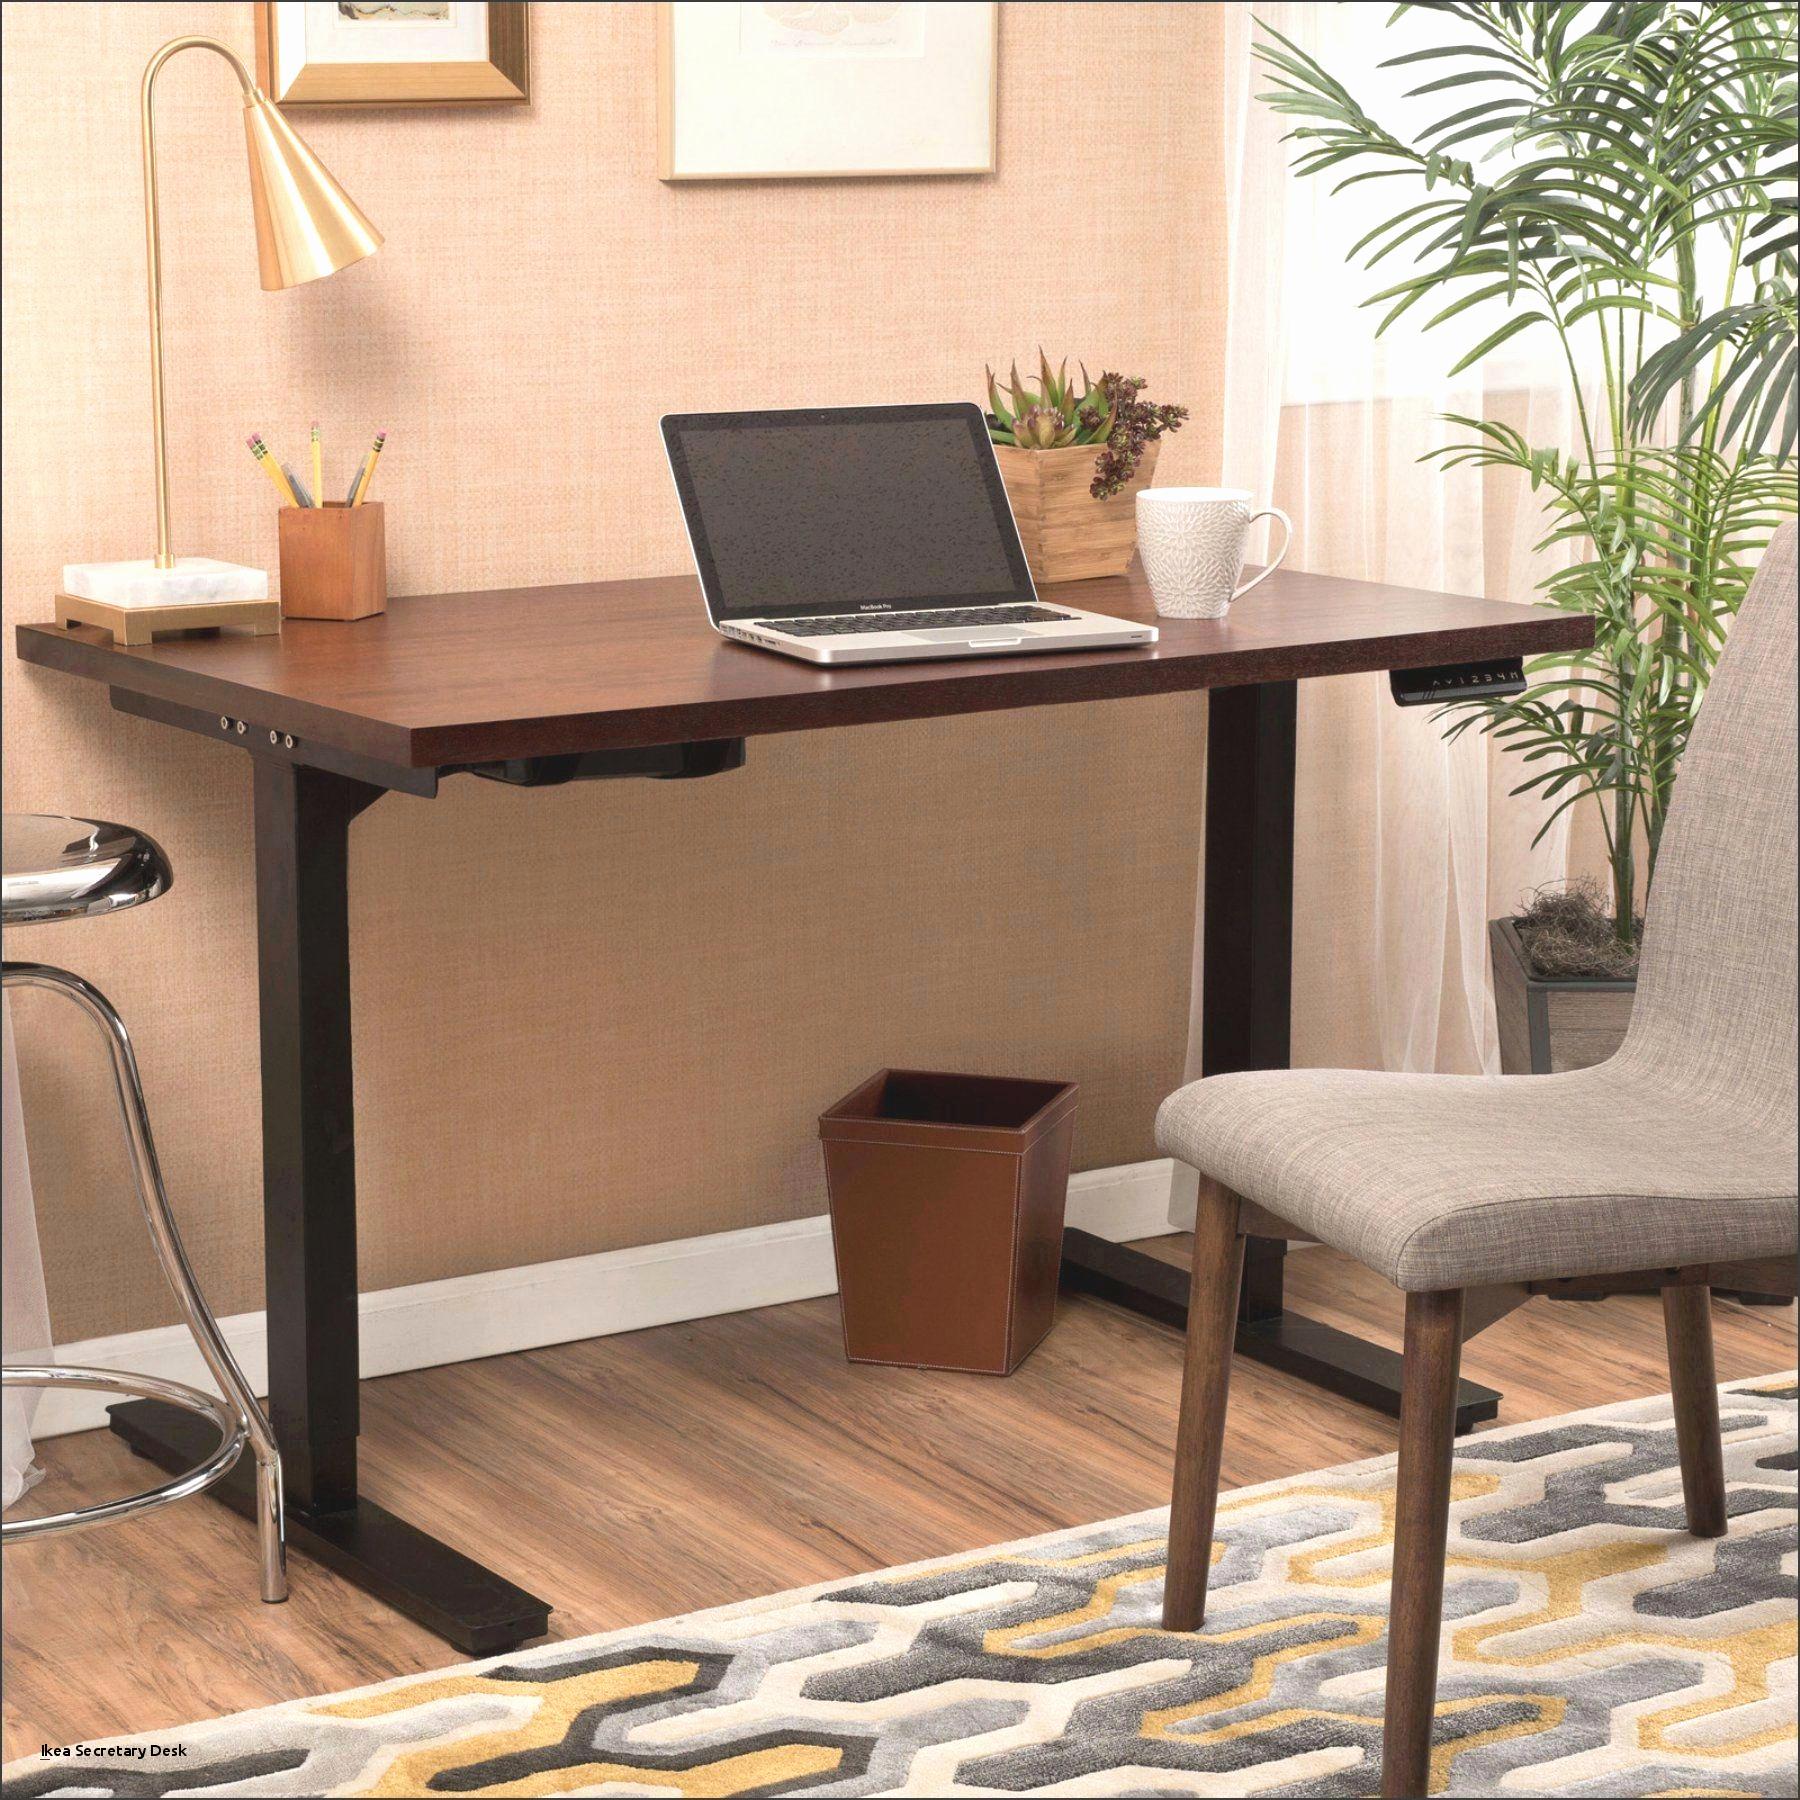 chaise ikea bureau luxe chaise ikea bureau chaise ikea cuisine cuisine fauteuil salon 0d of chaise ikea bureau